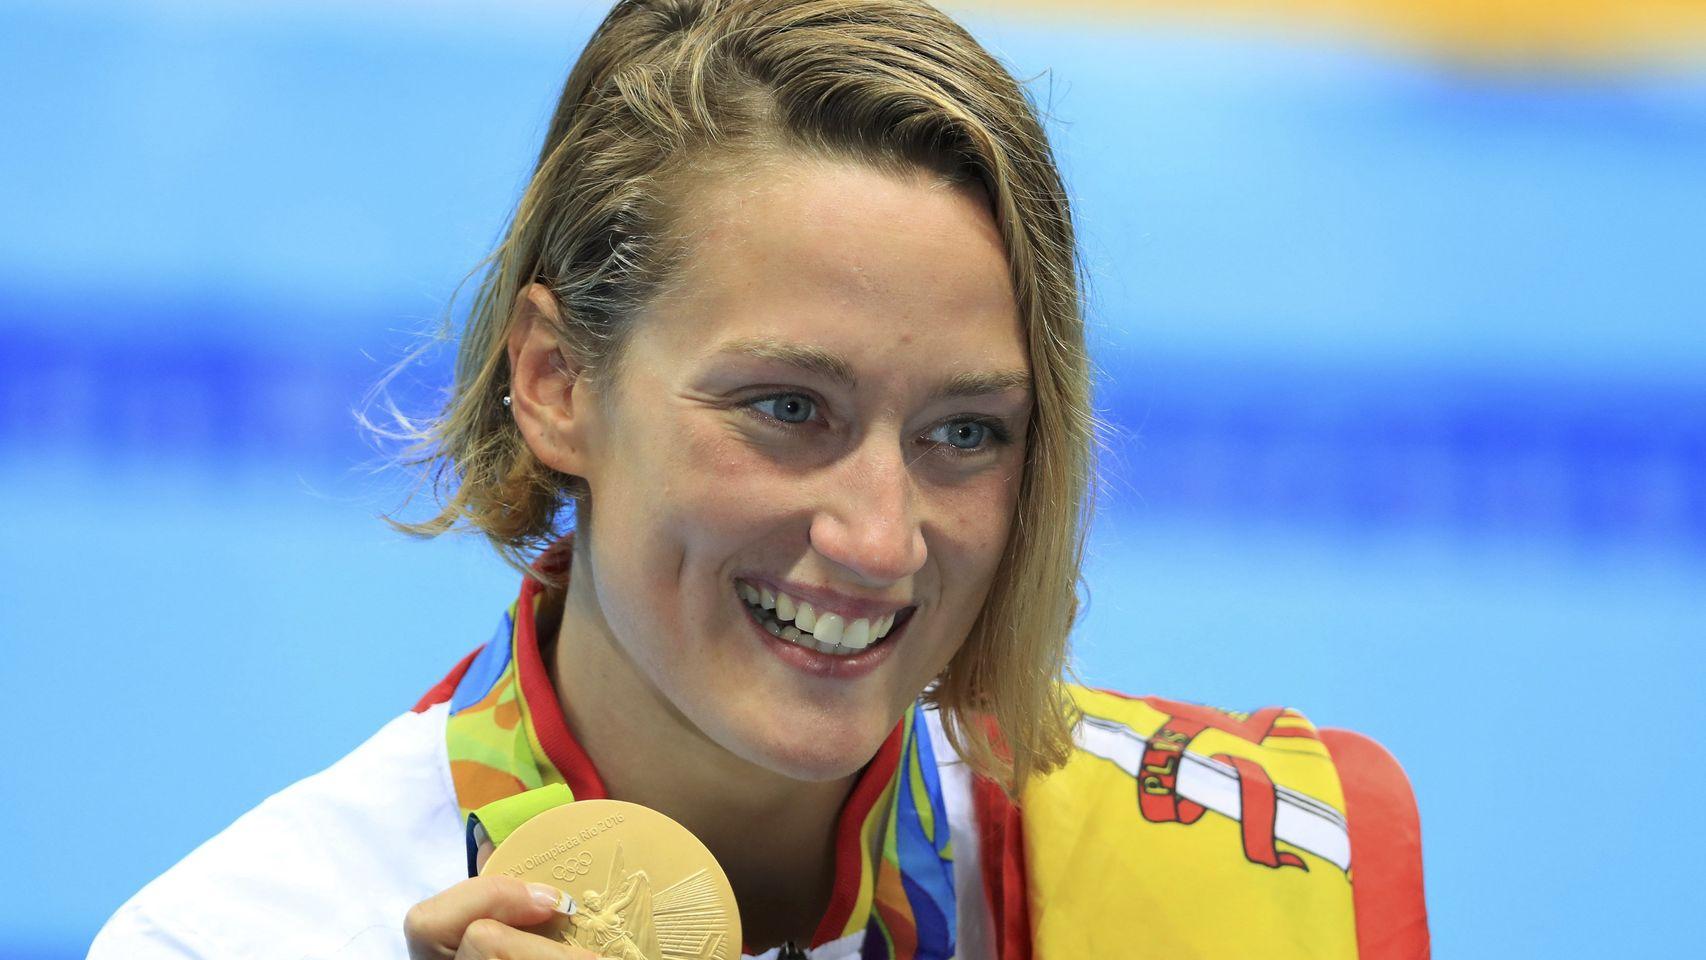 La catalana Mireia Belmonte celebra el oro luciendo orgullosa la bandera española